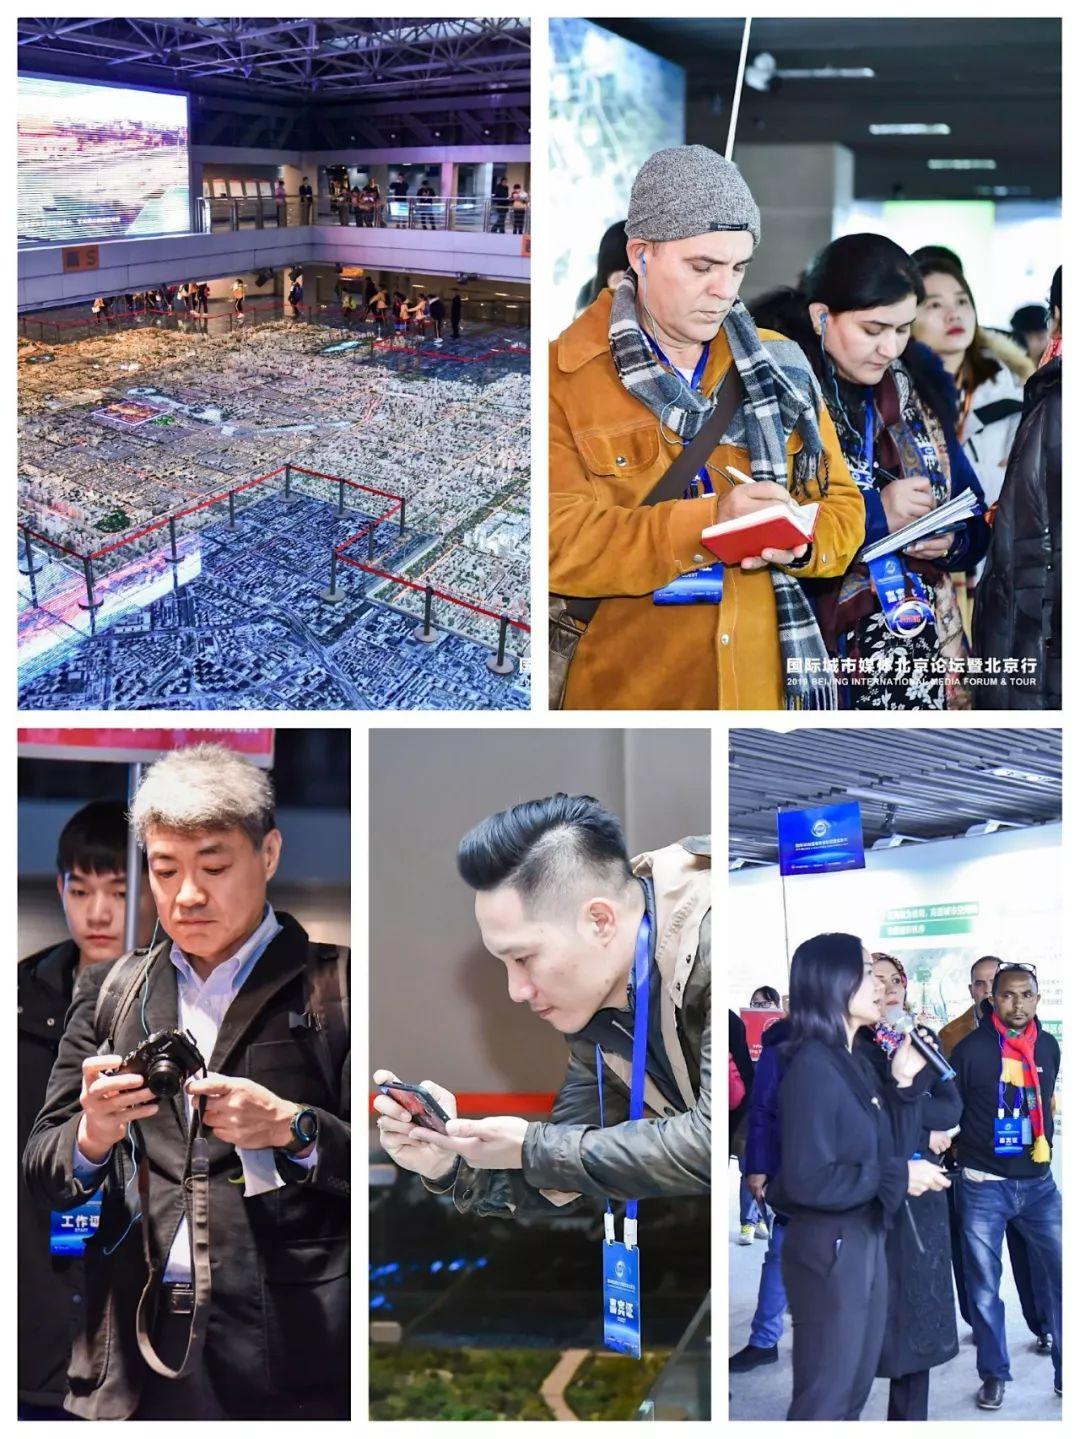 【2019 国际城市媒体北京论坛暨北京行】感受规划与城   探寻北京发展魅力